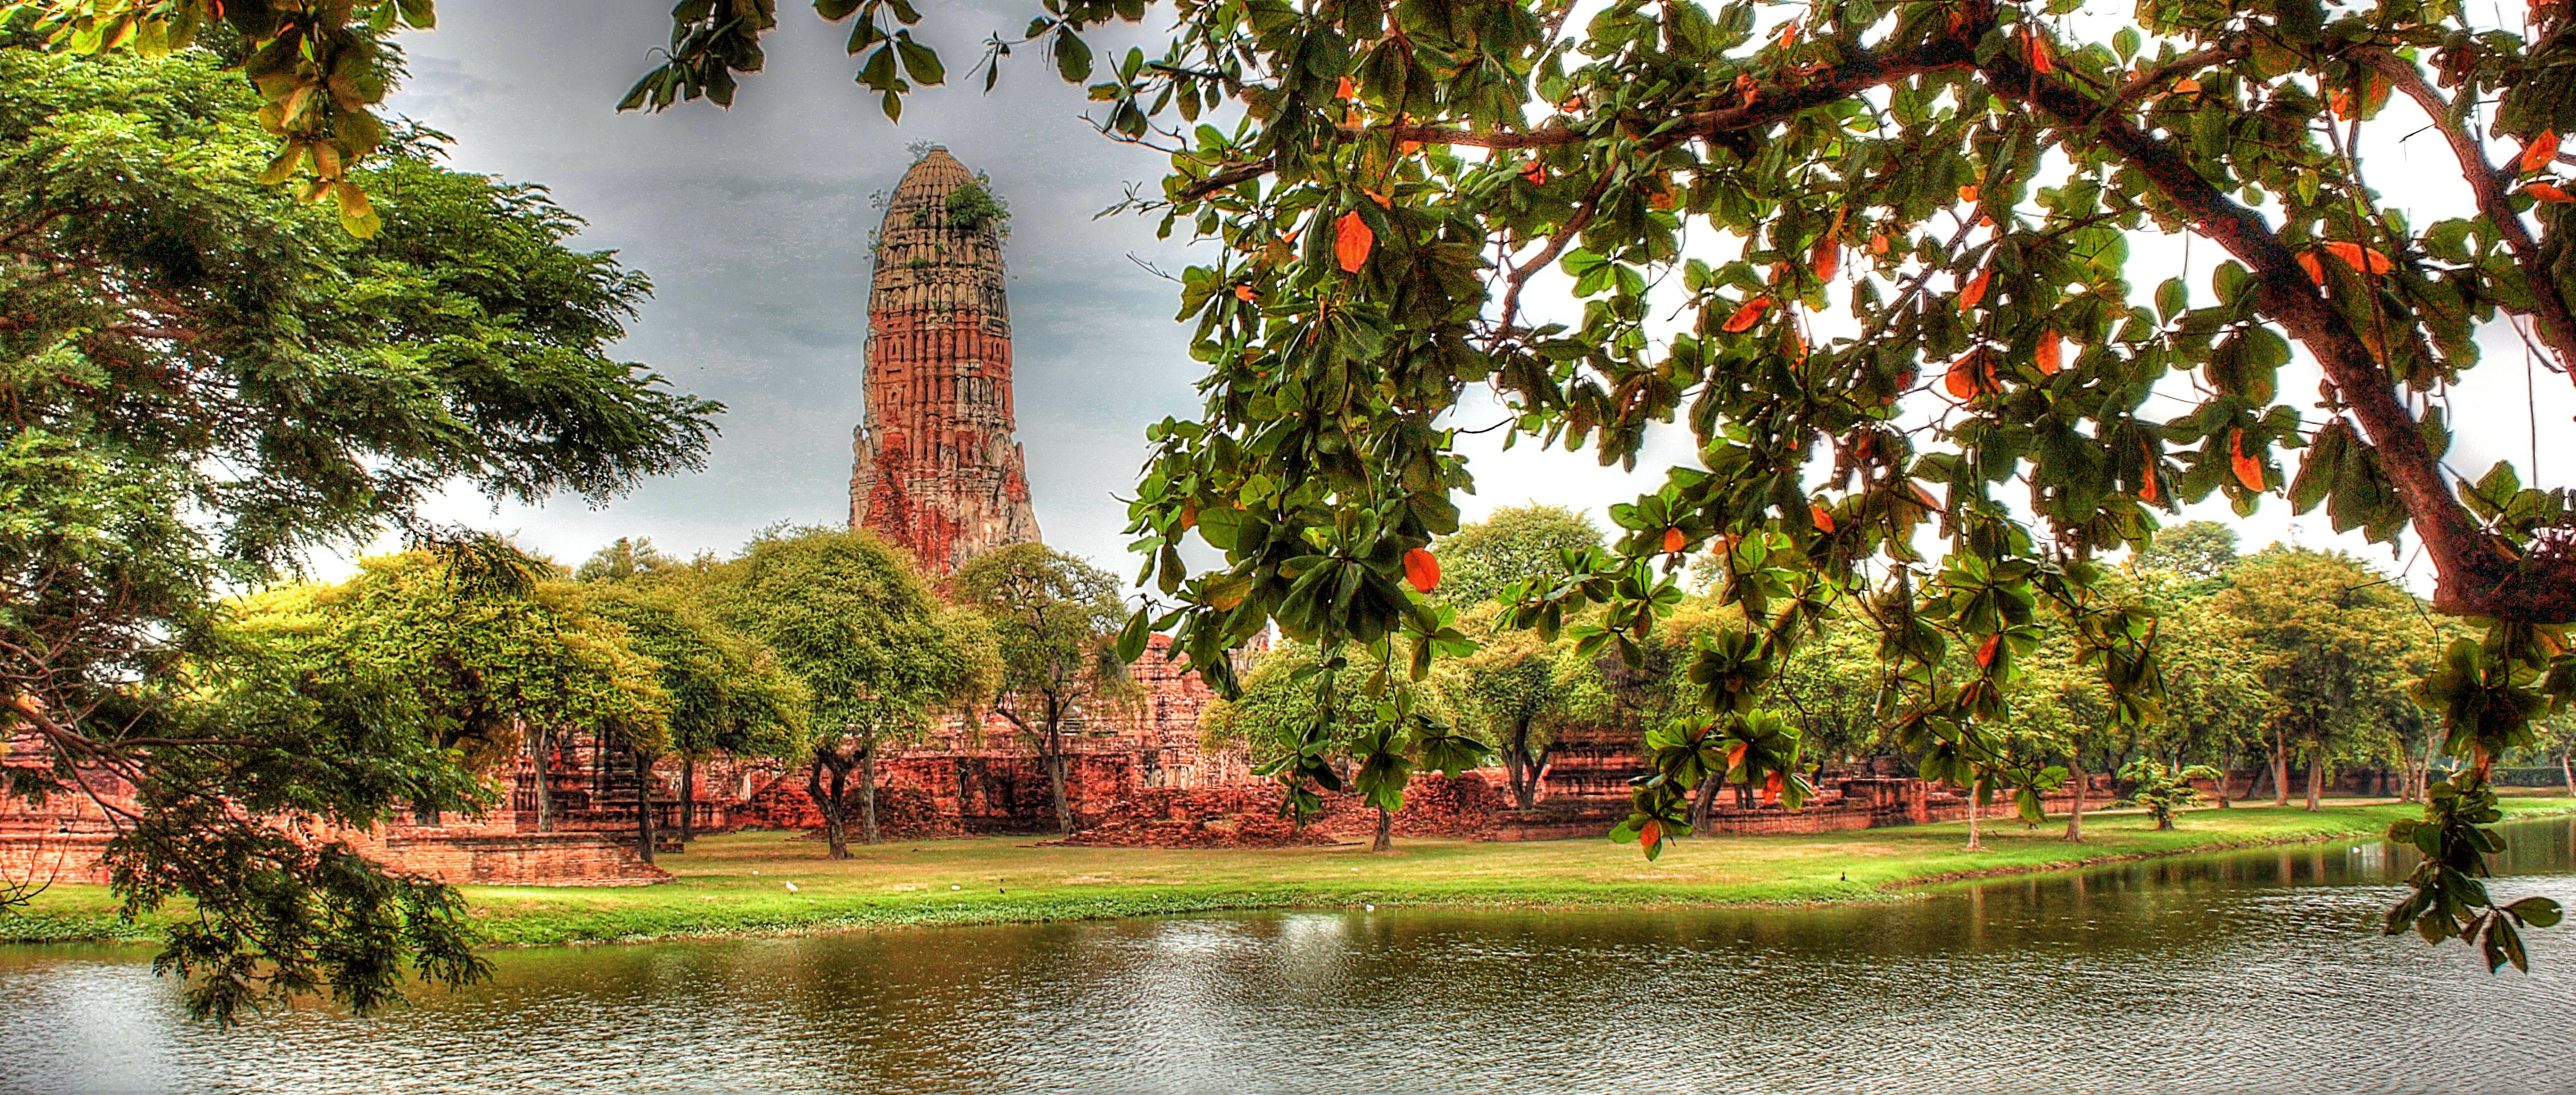 ayut temple on lake